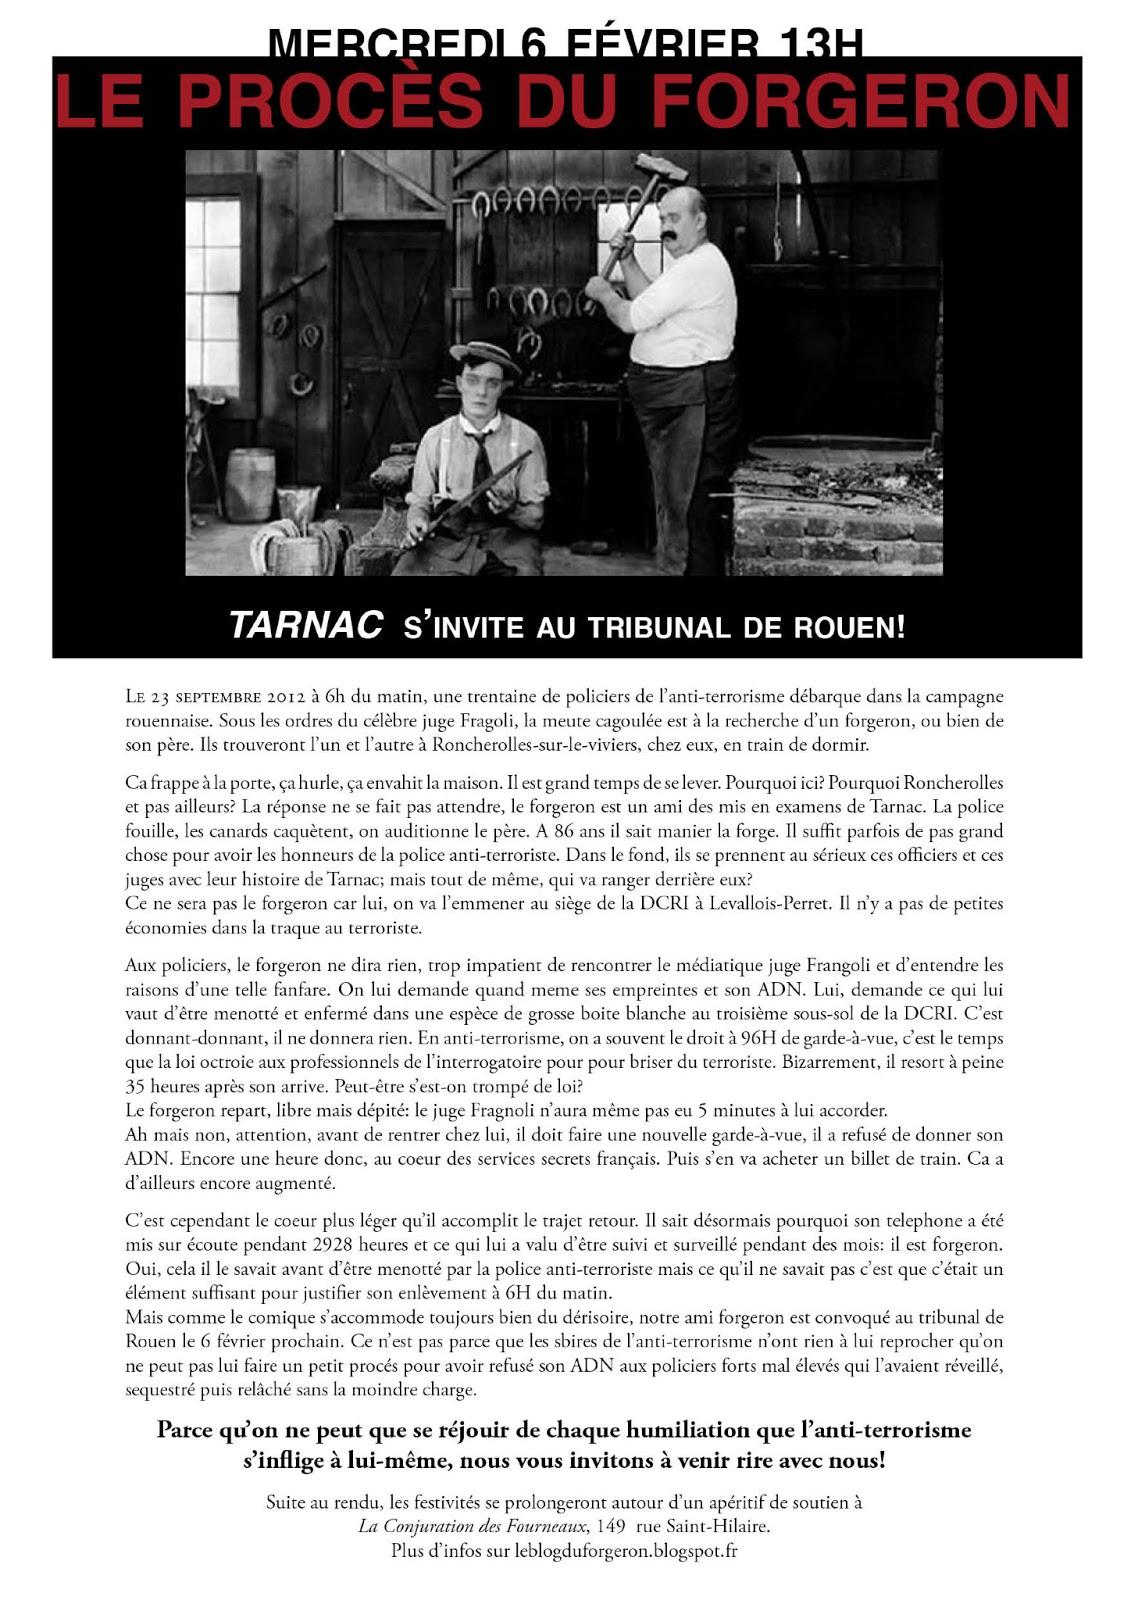 http://juralib.noblogs.org/files/2013/01/0127.jpg